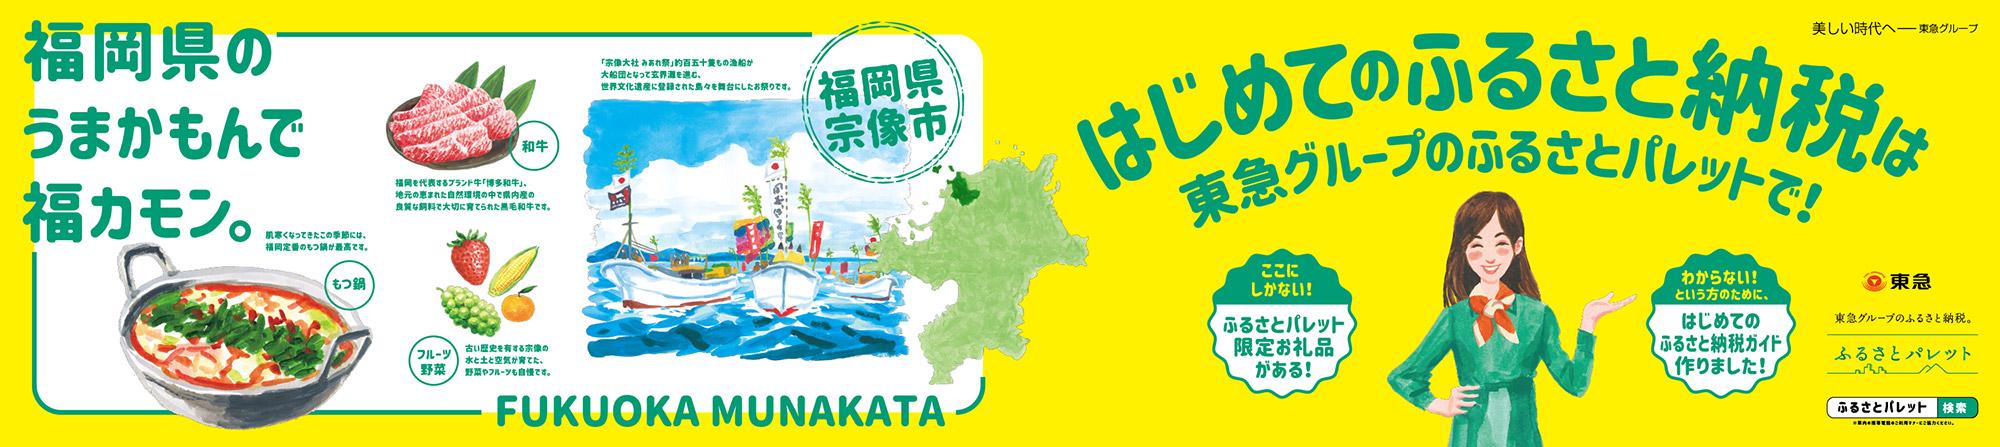 ShinjiAbe_092-3